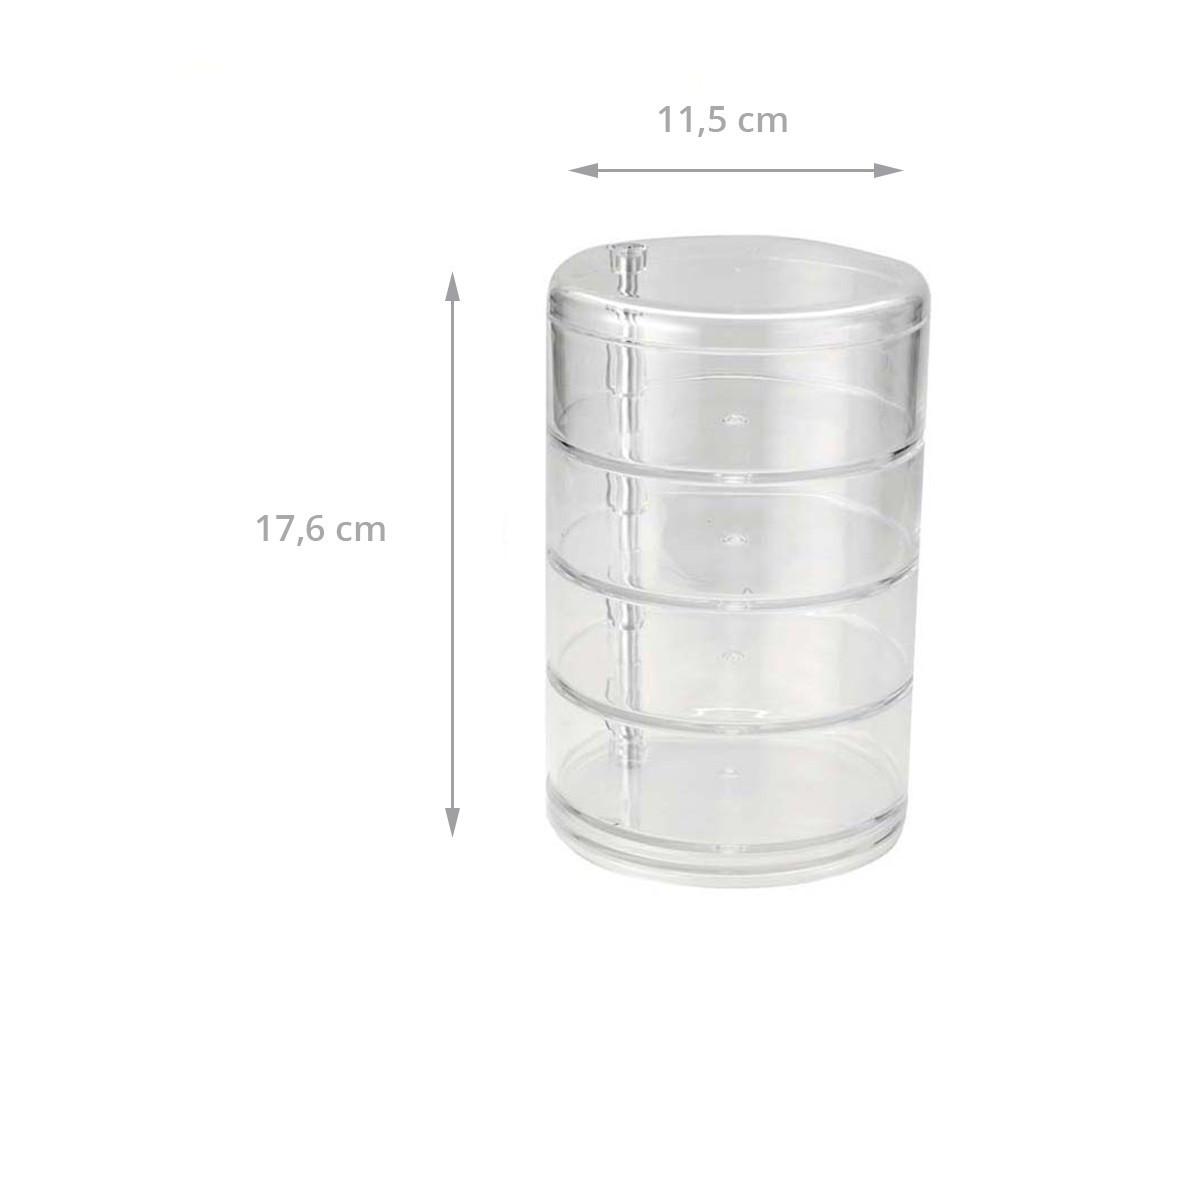 Bo te cylindrique en acrylique 4 niveaux - Boite acrylique transparente ...